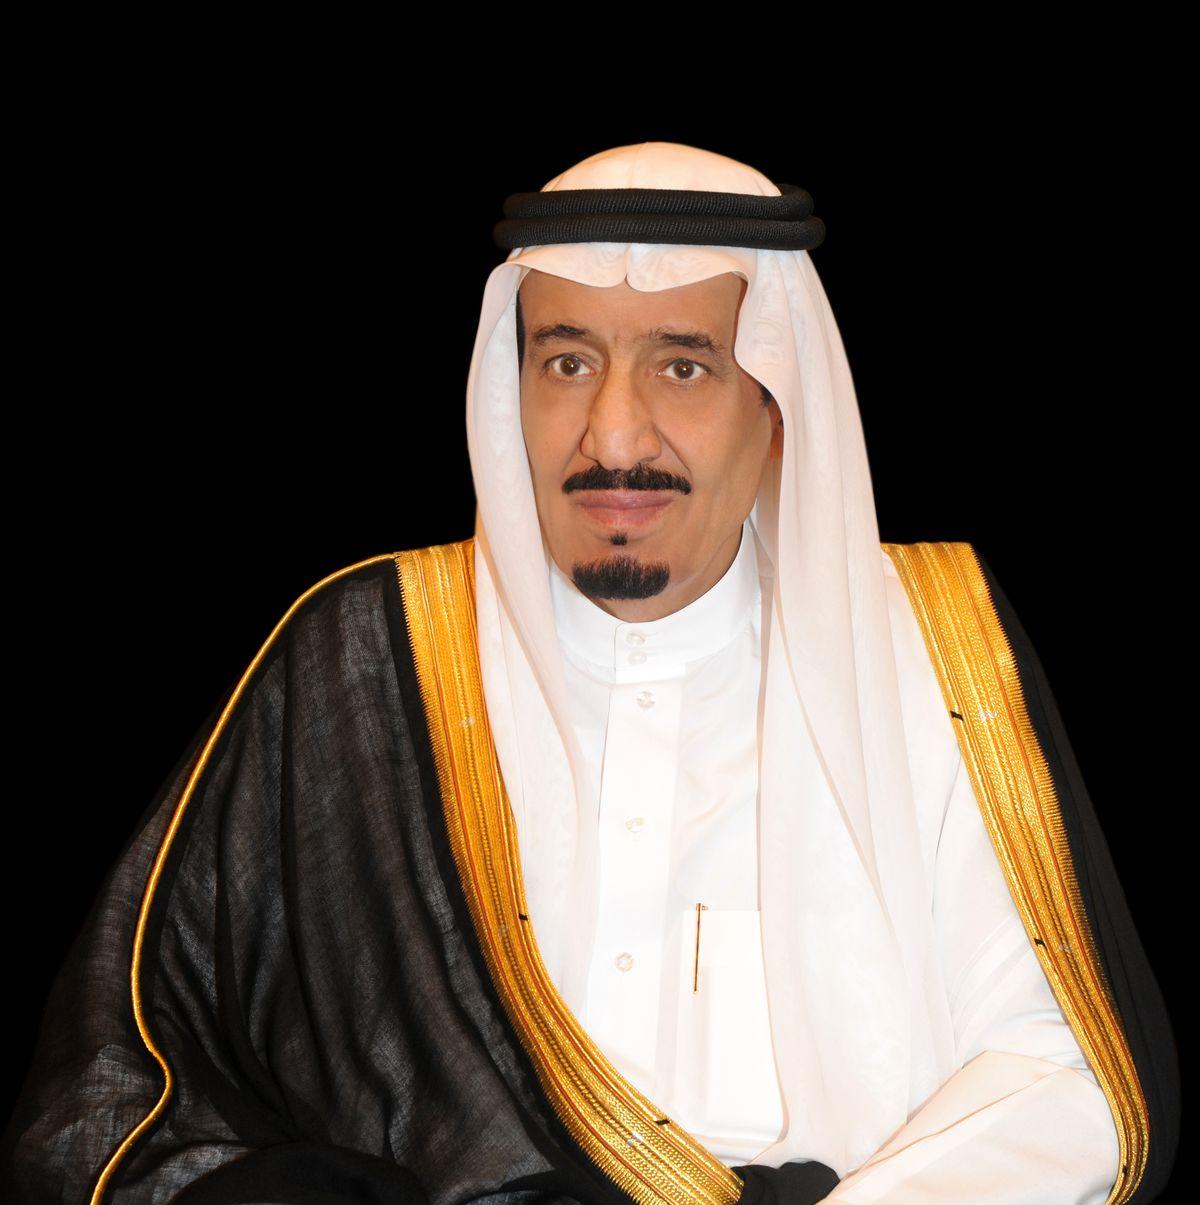 سلمان بن عبد العزيز آل سعود المعرفة